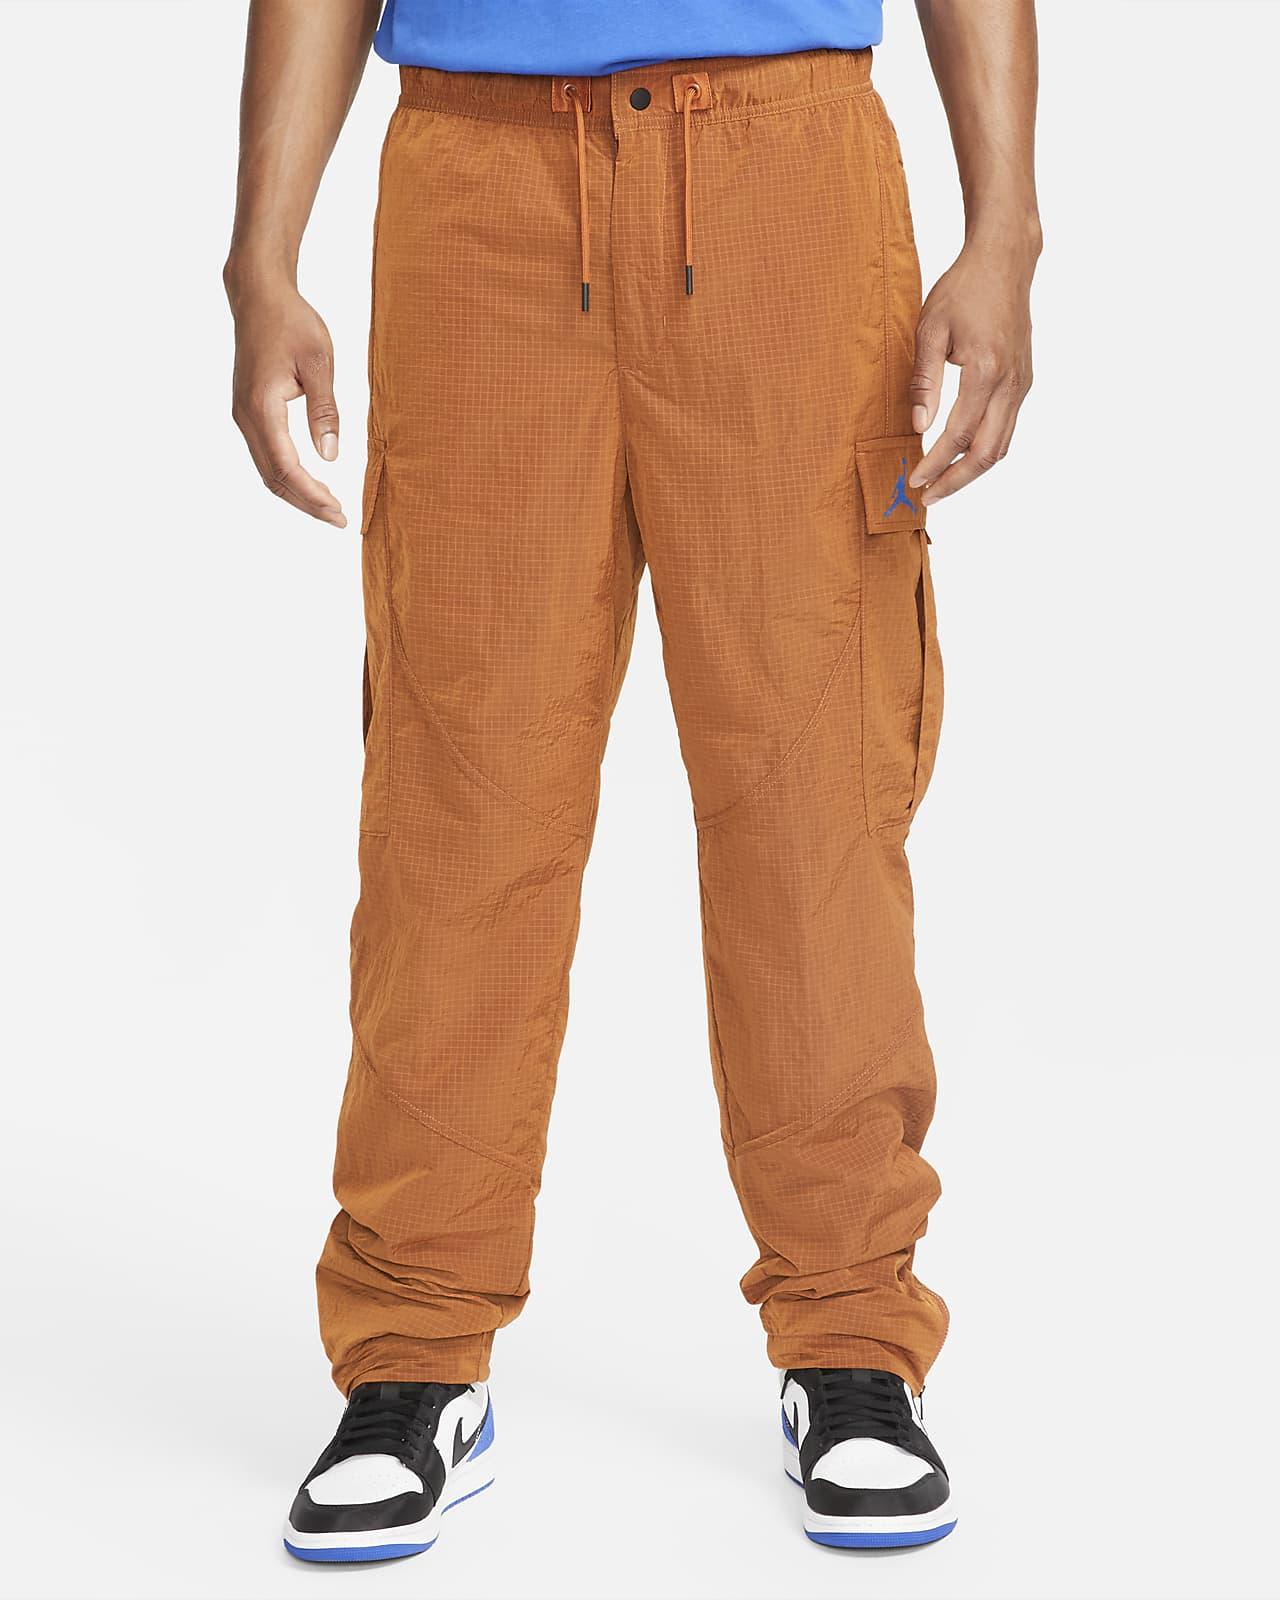 Jordan 23 Engineered Men's Woven Pants